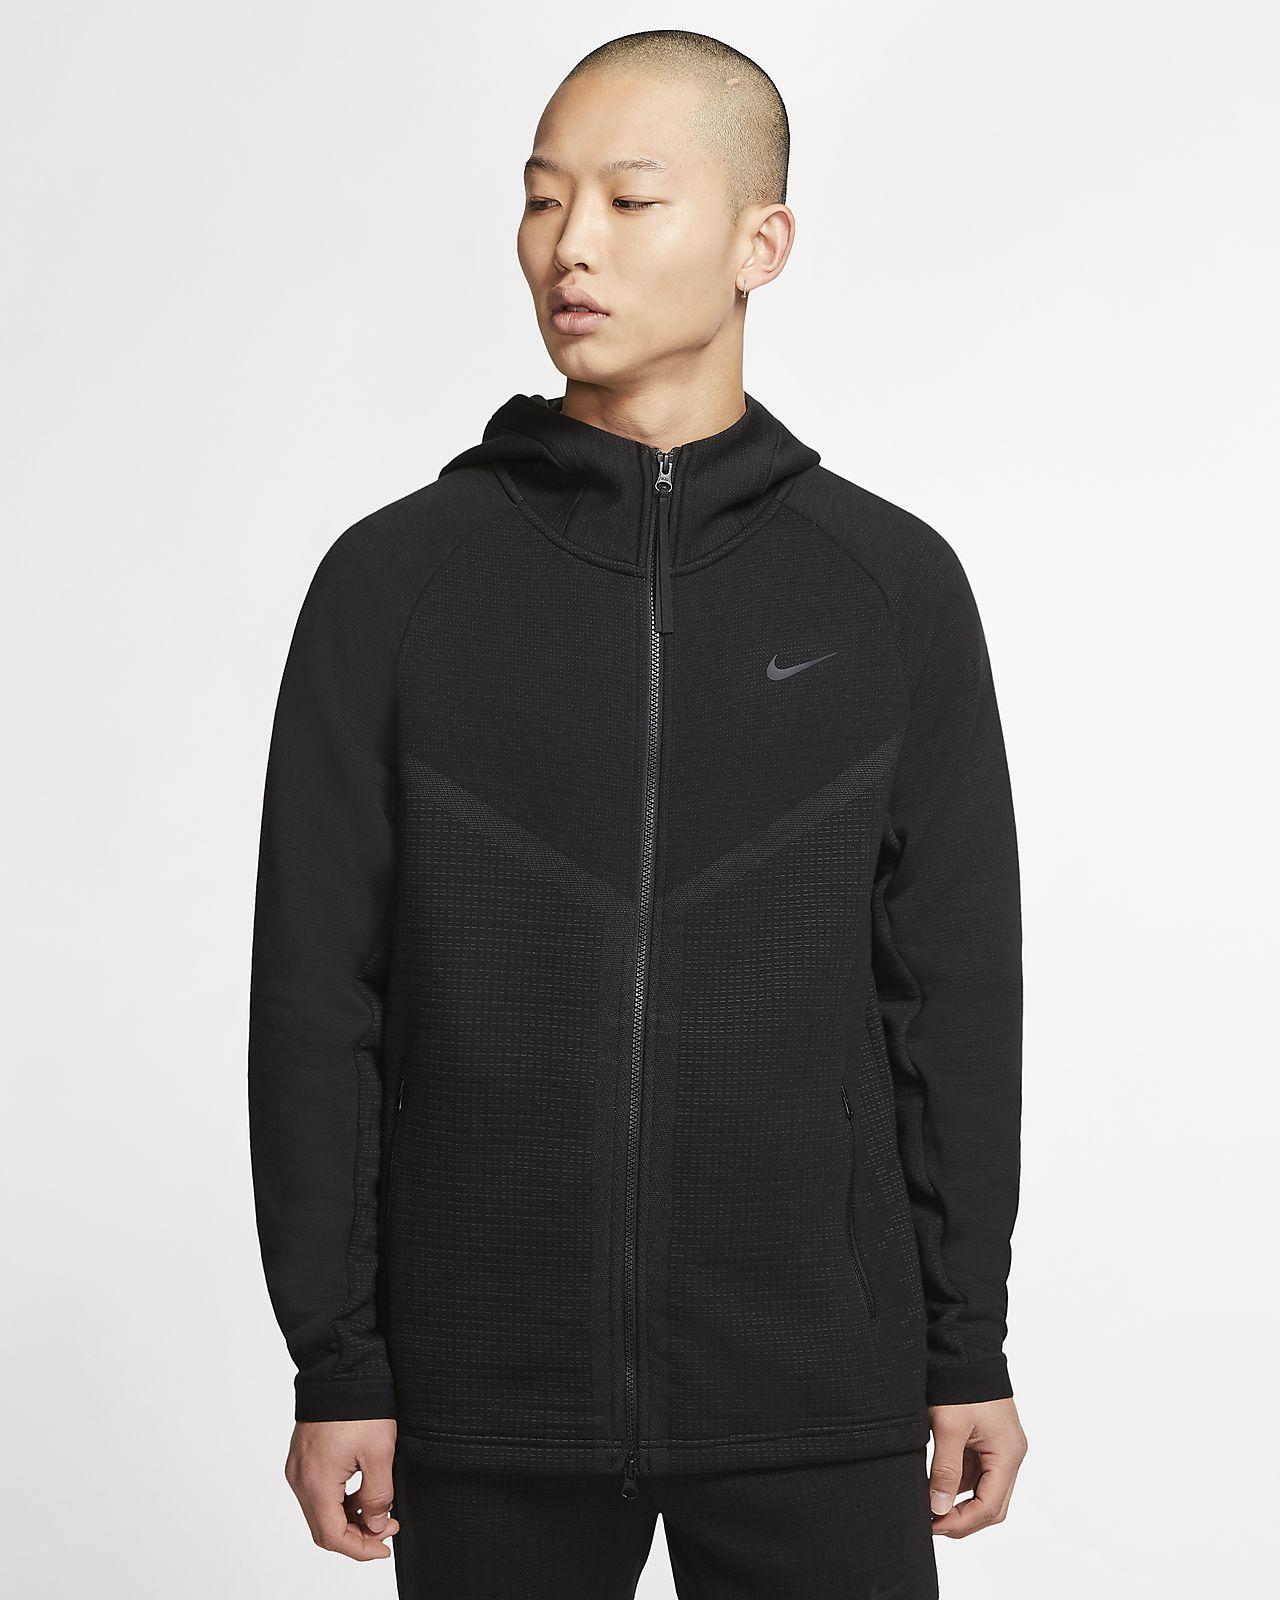 Bluza Z Kapturem Nike Najtaniej   Nike Sportswear Tech